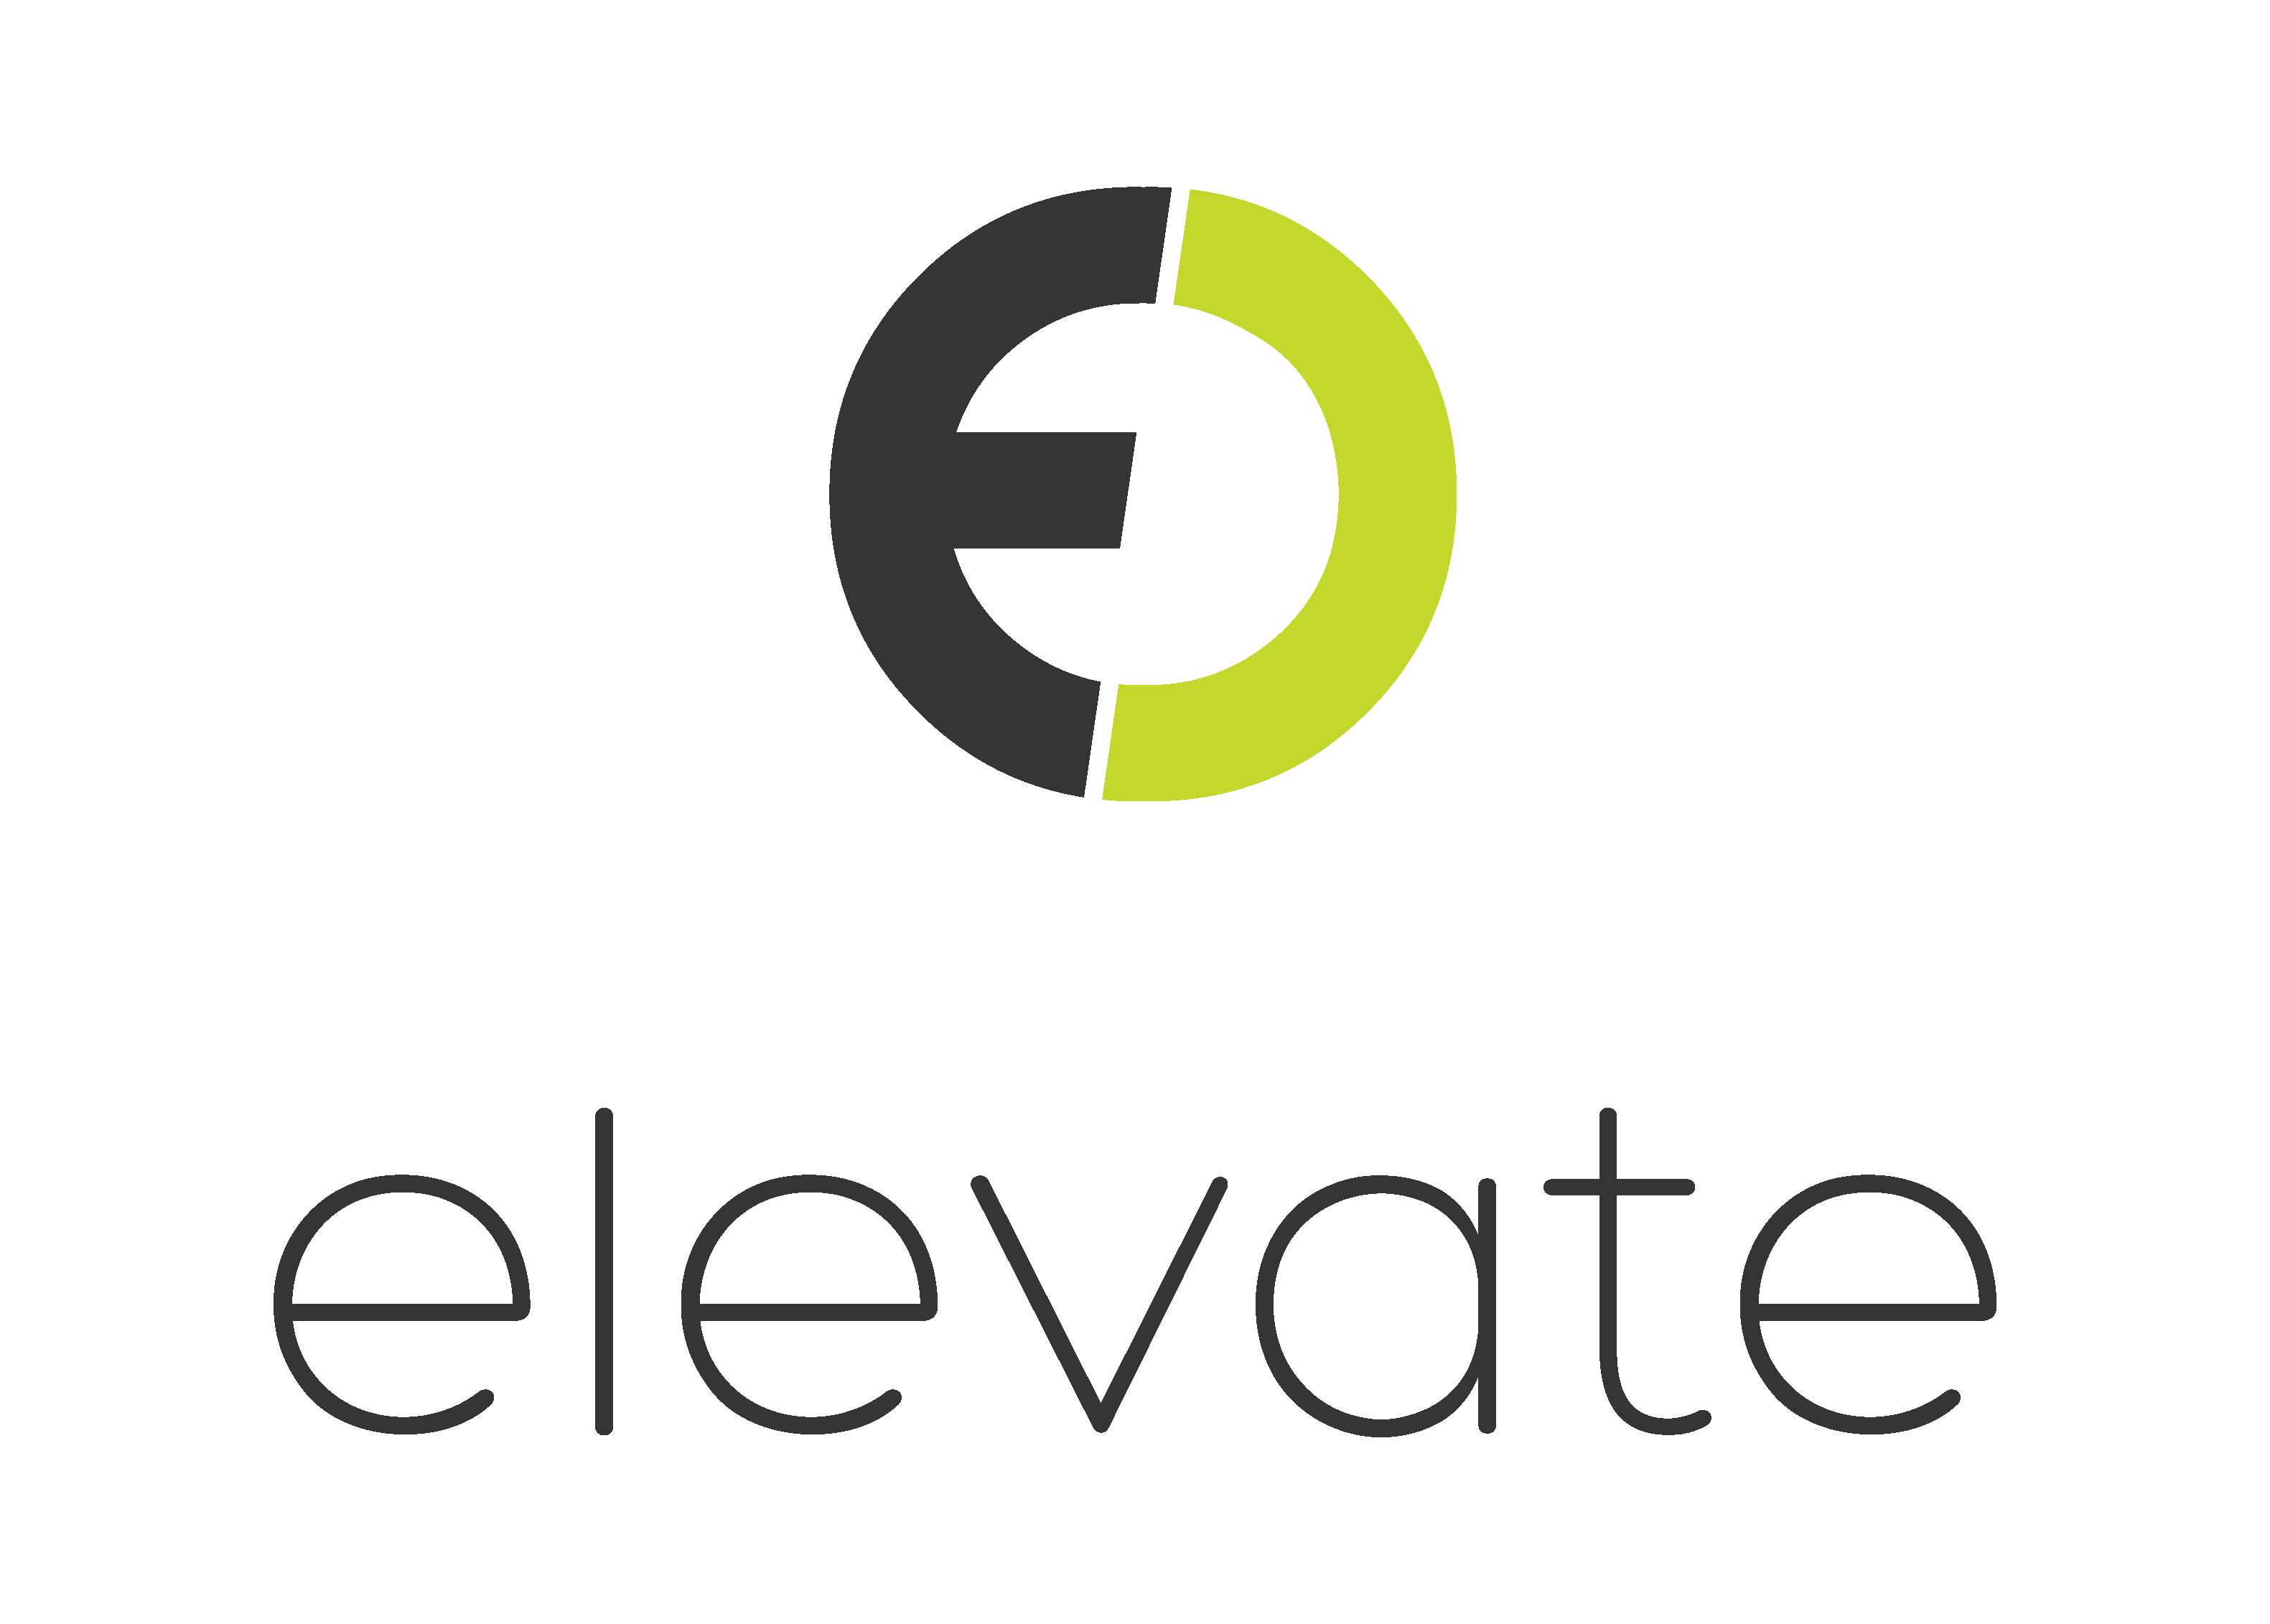 Elevate church logo nuu update 06